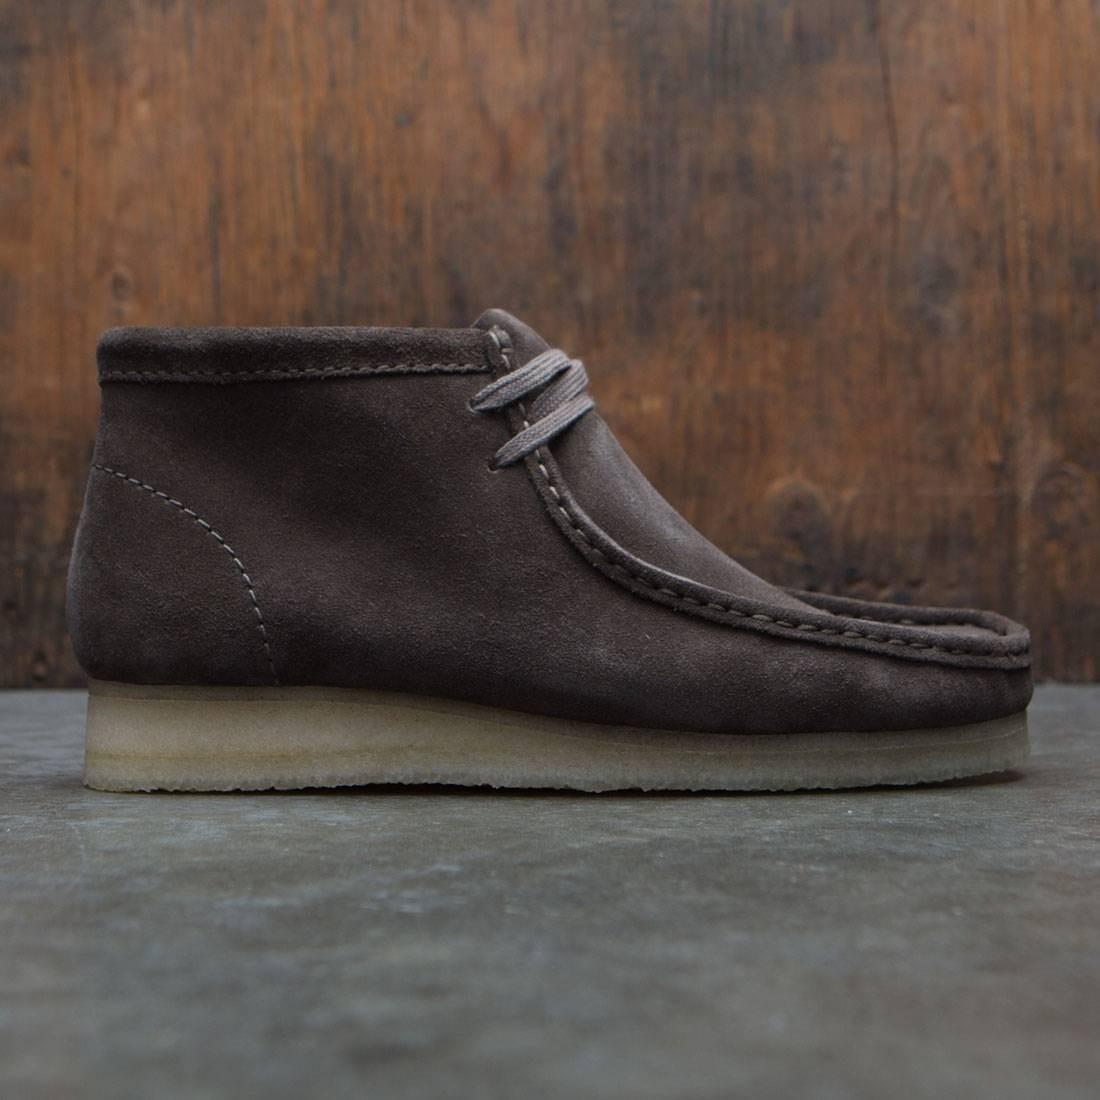 【海外限定】クラークス ブーツ スニーカー 靴 【 CLARKS MEN WALLABEE BOOT GRAY SUEDE 】